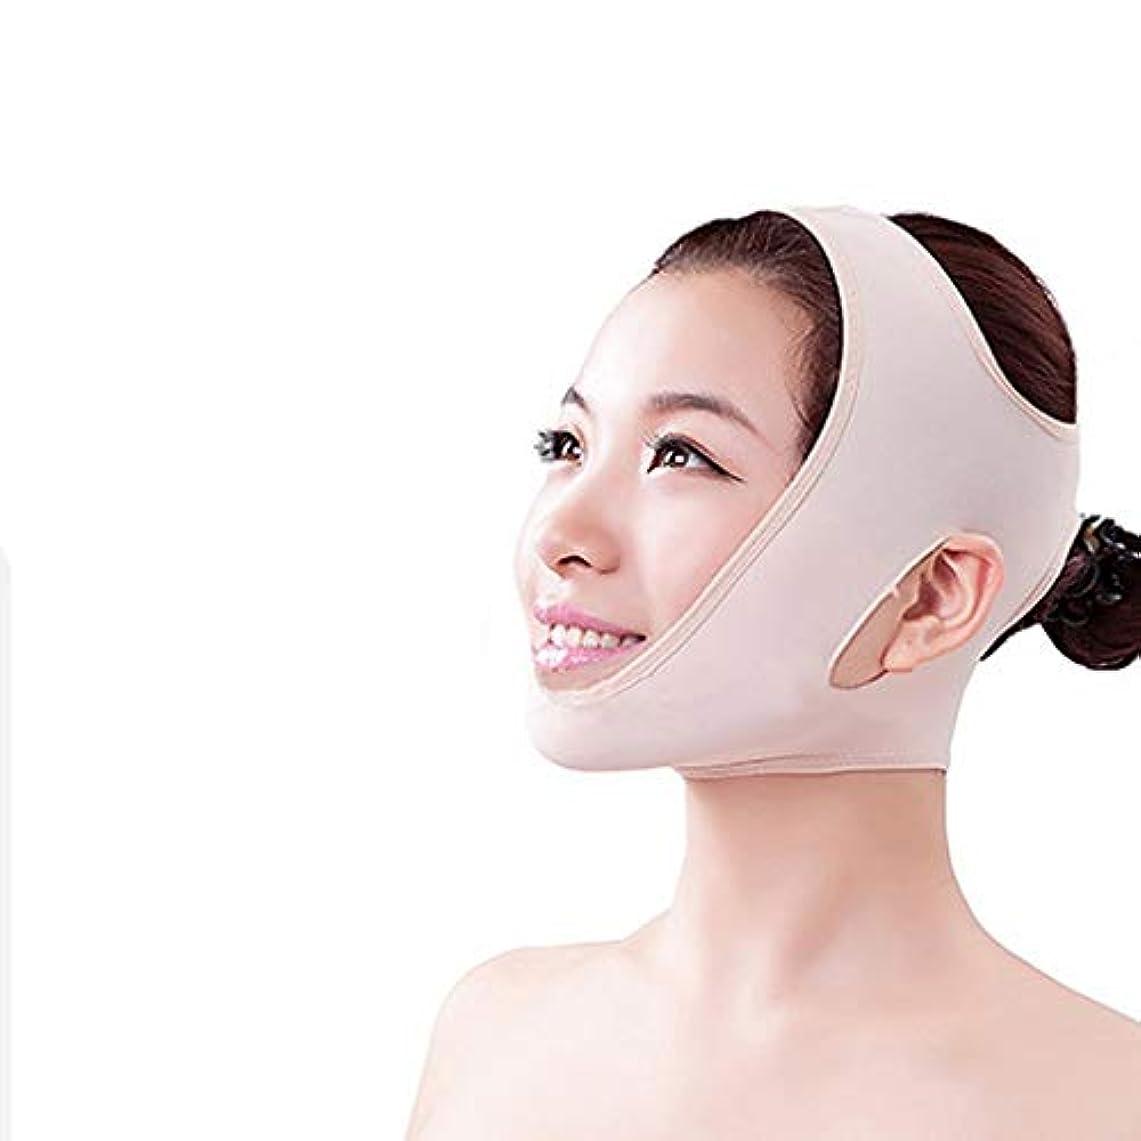 パール無傷氏顔面顔マスク v 顔リフトリフティング引き締め睡眠ライン刻まれた顔包帯,L